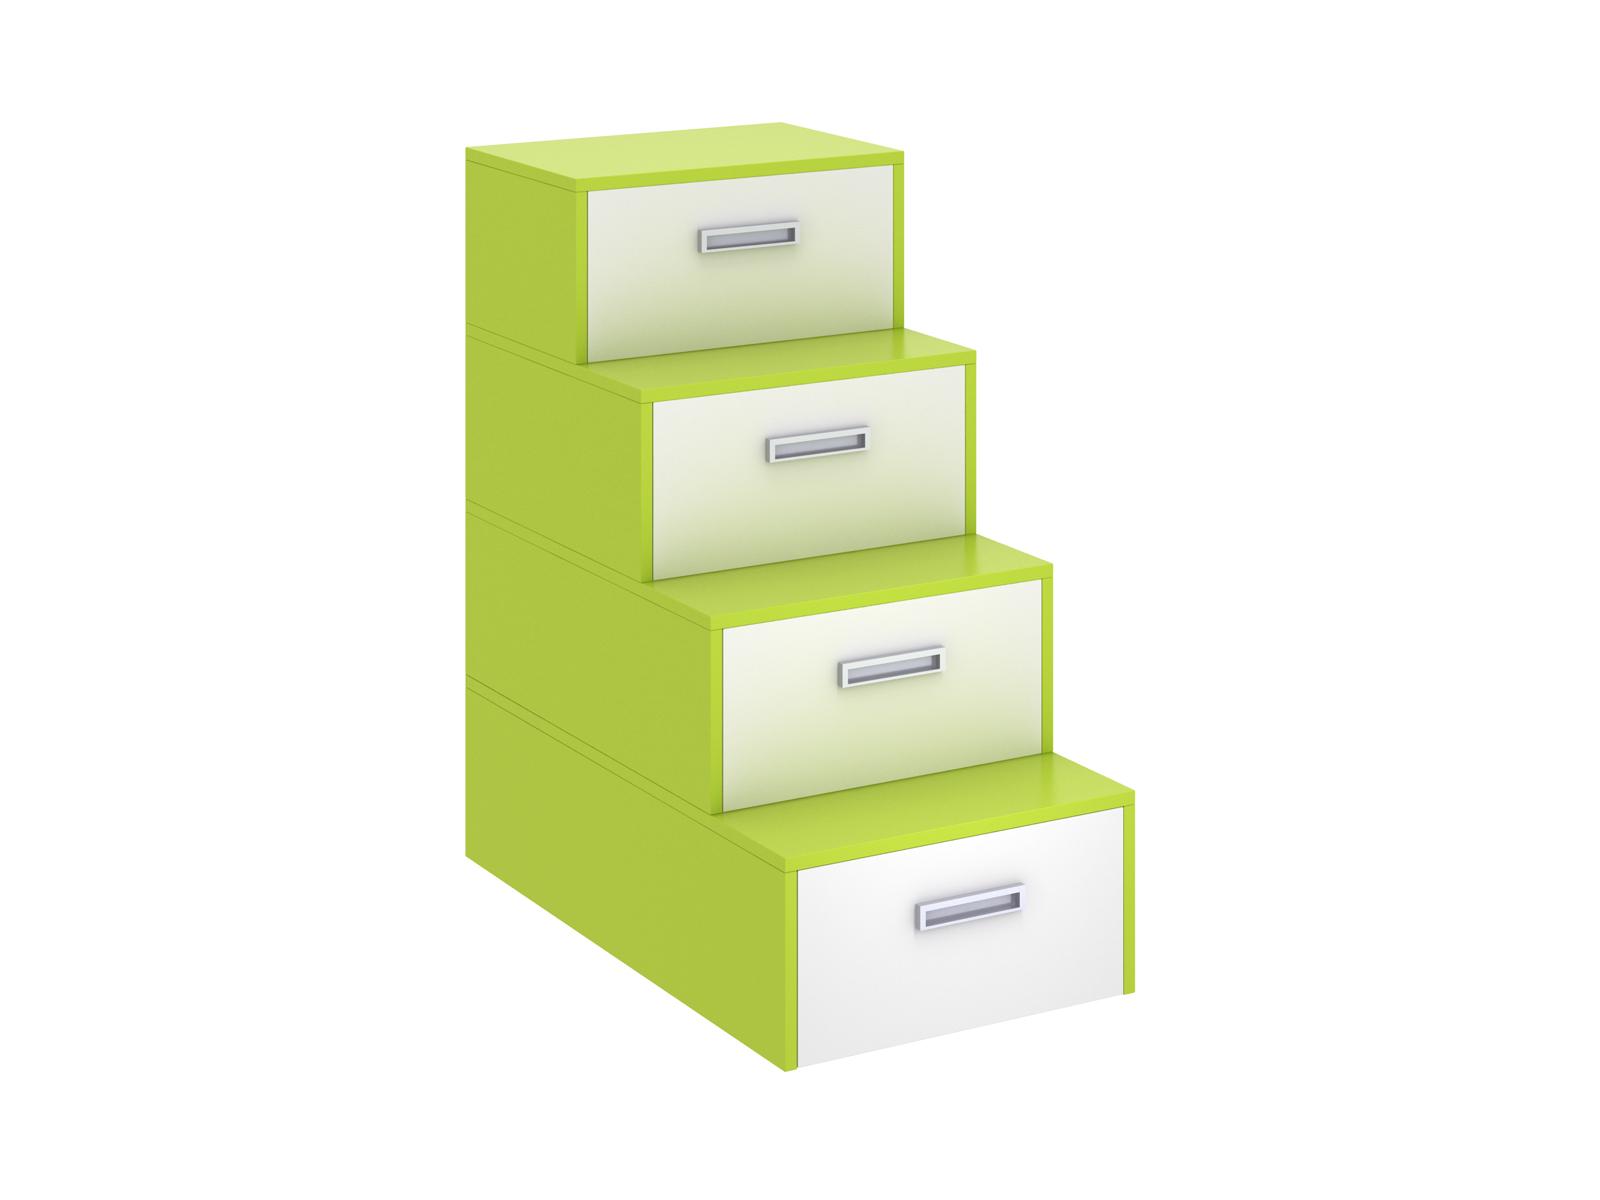 Лестница-комод PinokkioДетские комоды<br>Лестница идёт в дополнение к секции для двухъярусной кровати.&amp;amp;nbsp;&amp;lt;div&amp;gt;В ступеньках лестницы размещаются выдвижные ящики.&amp;lt;/div&amp;gt;<br><br>Material: ДСП<br>Ширина см: 58<br>Высота см: 111<br>Глубина см: 106